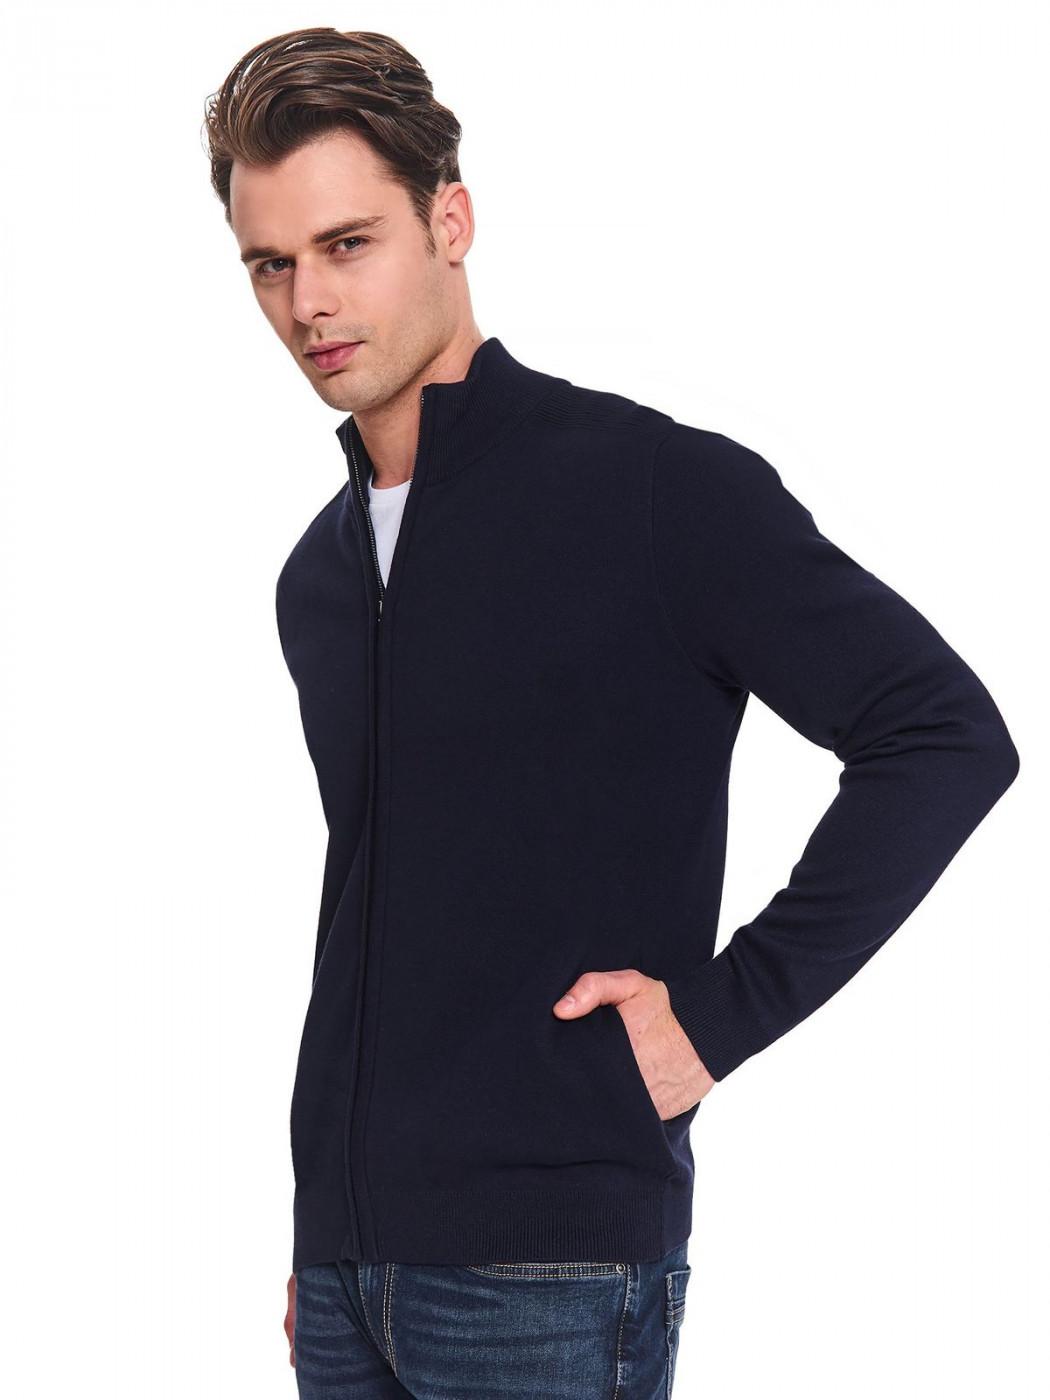 Men's sweater Top Secret Plain